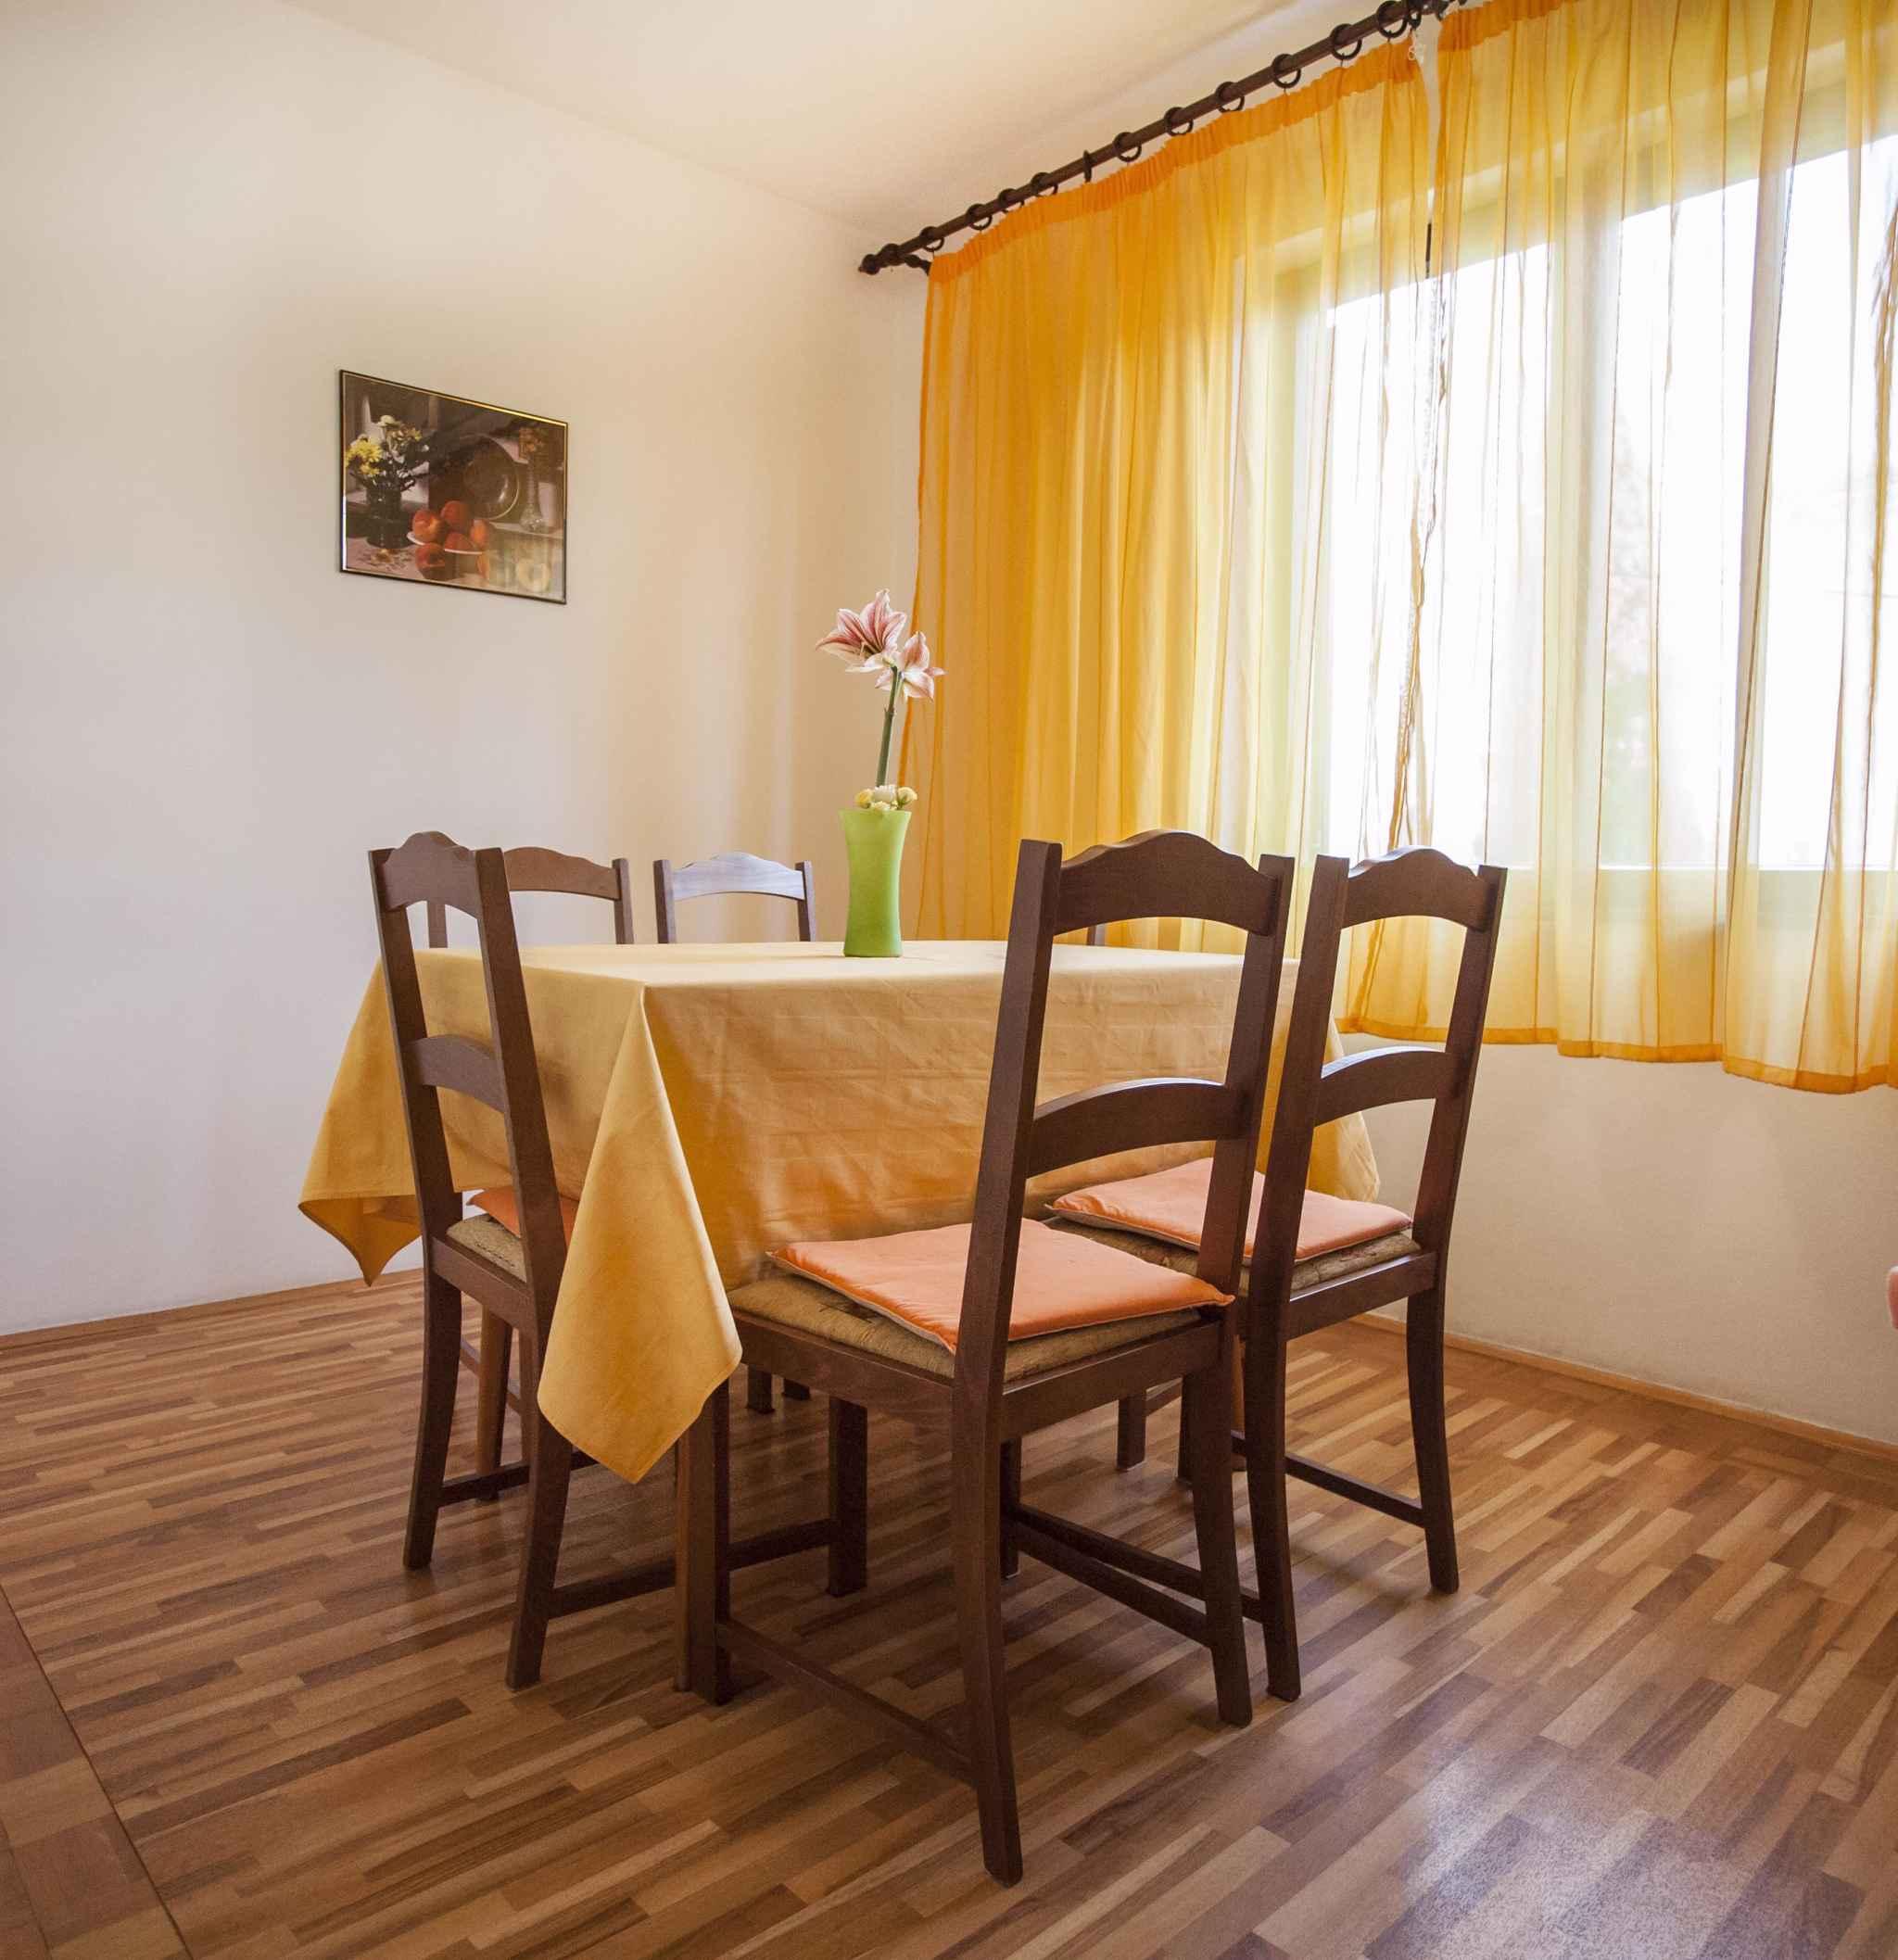 Ferienwohnung u centru (280994), Rovinj, , Istrien, Kroatien, Bild 22